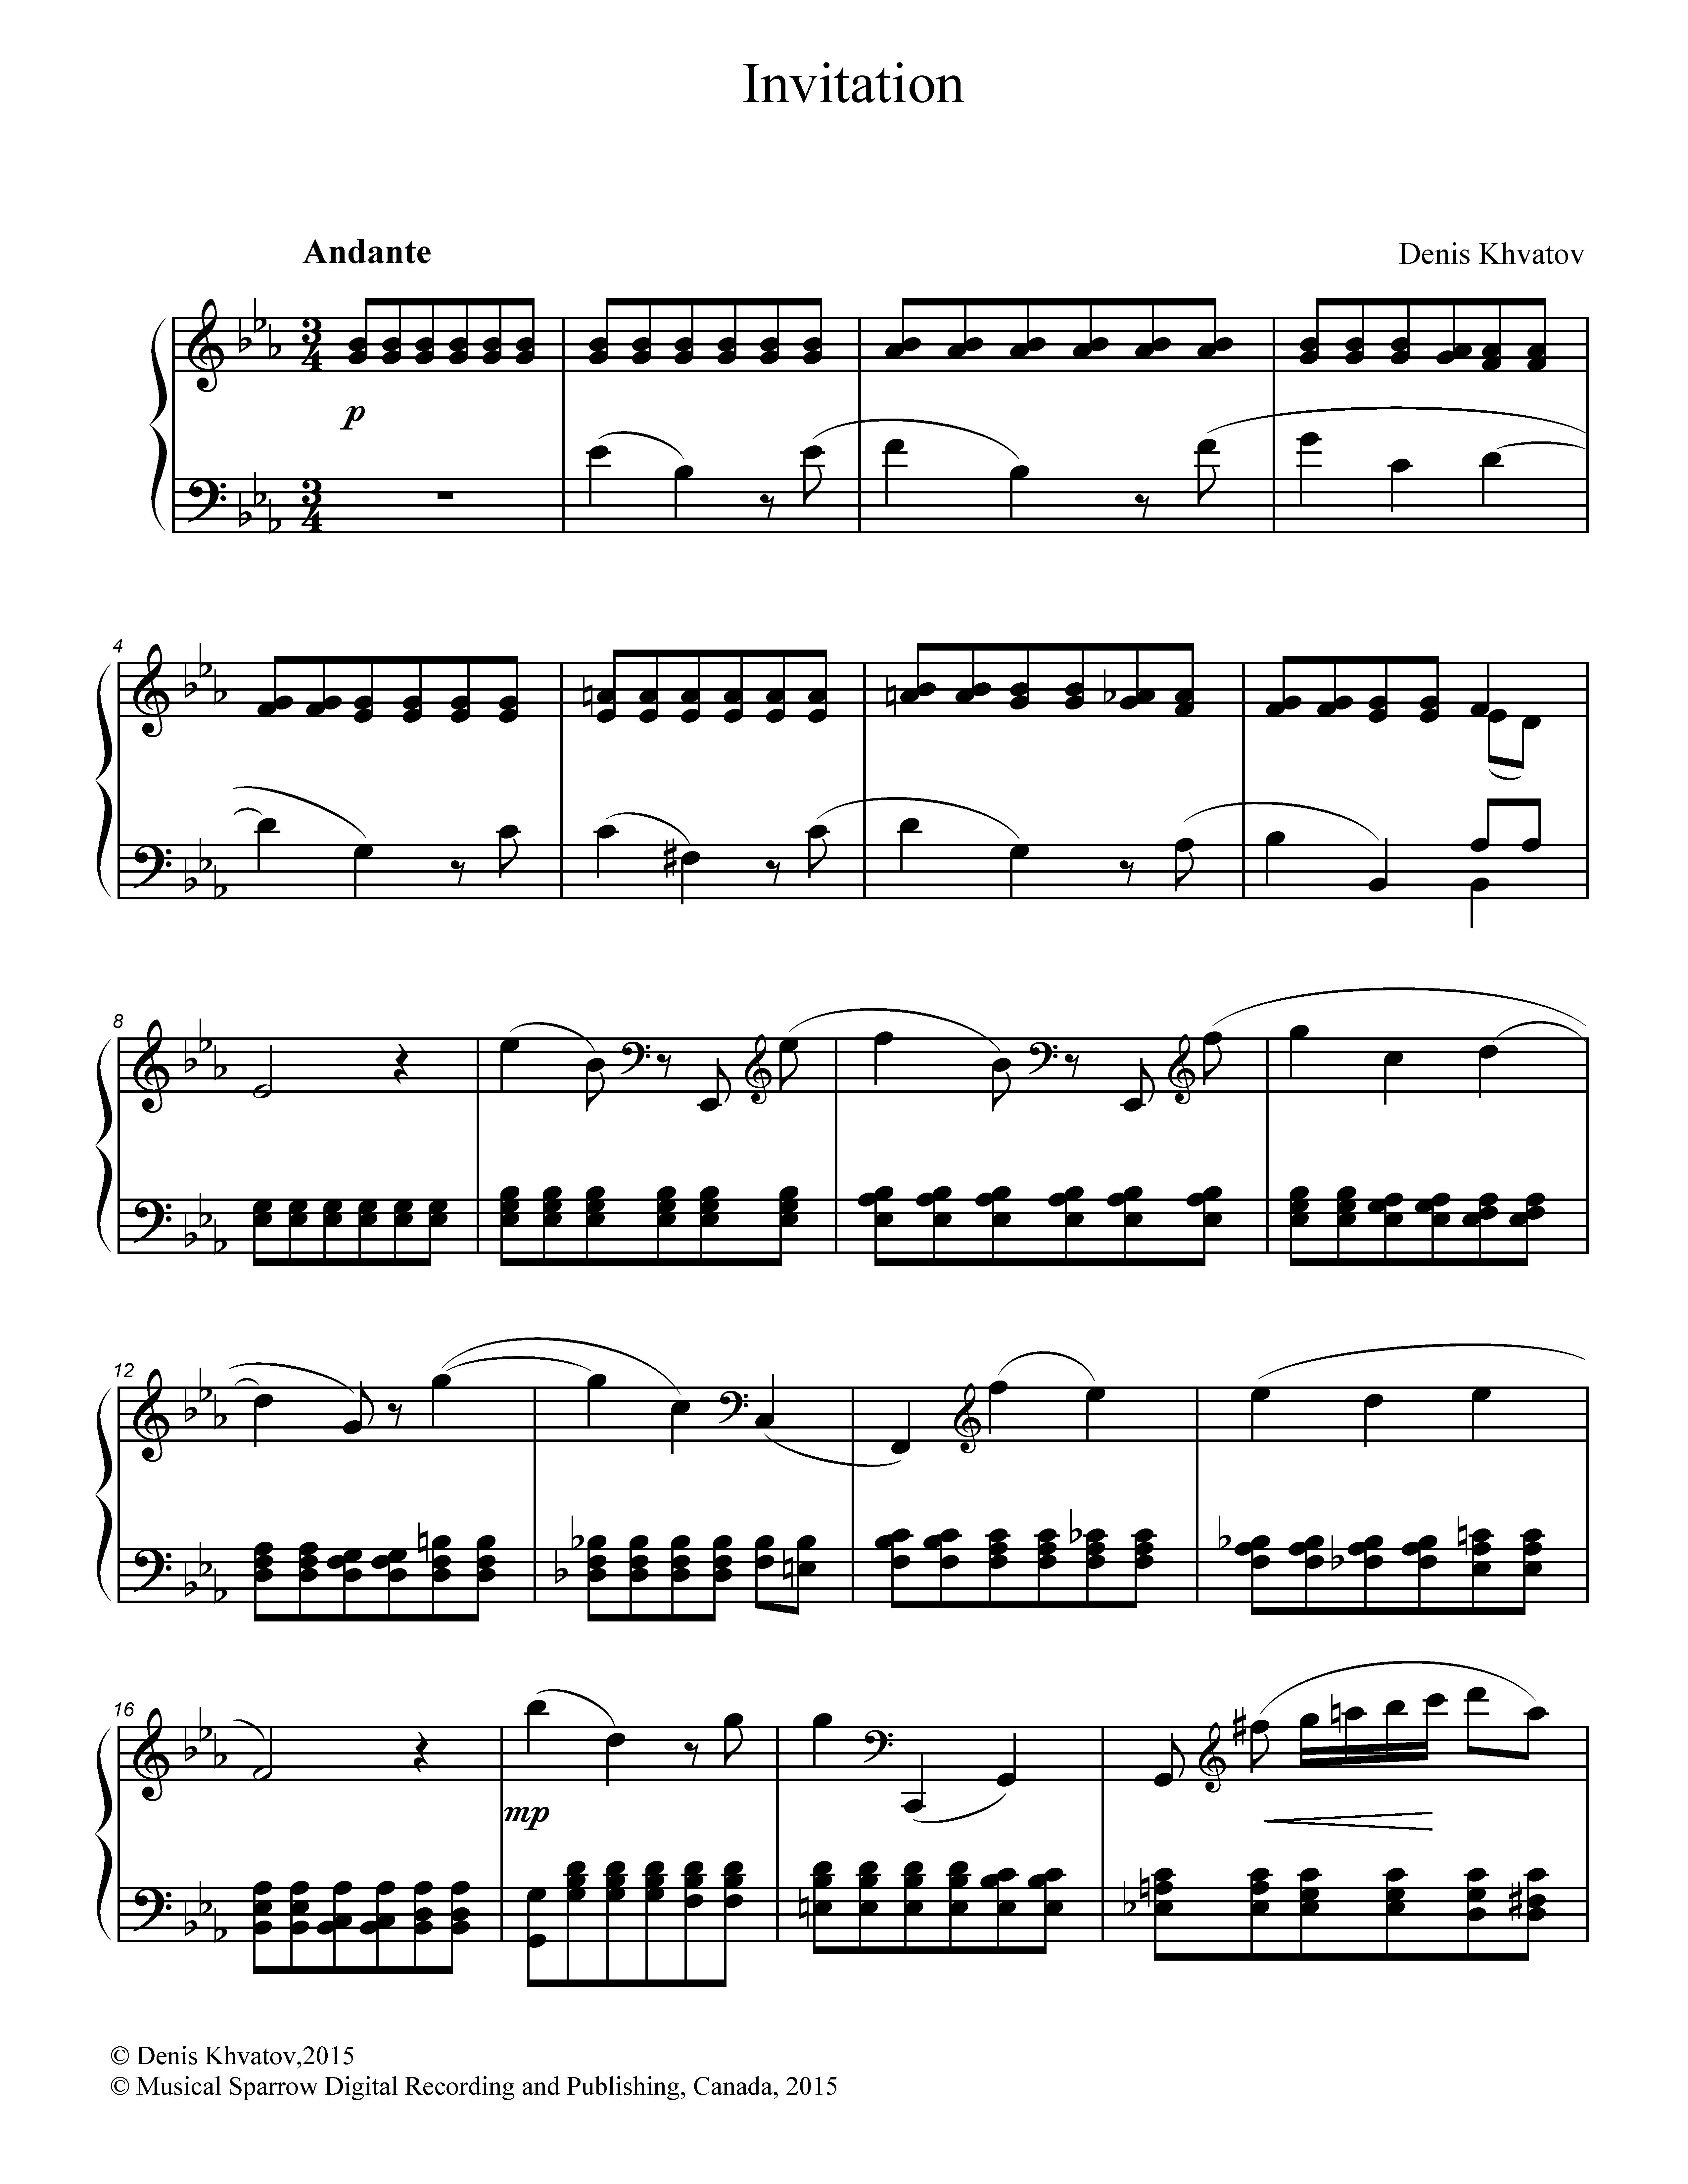 Denis Khvatov. Invitation. Piece for piano.